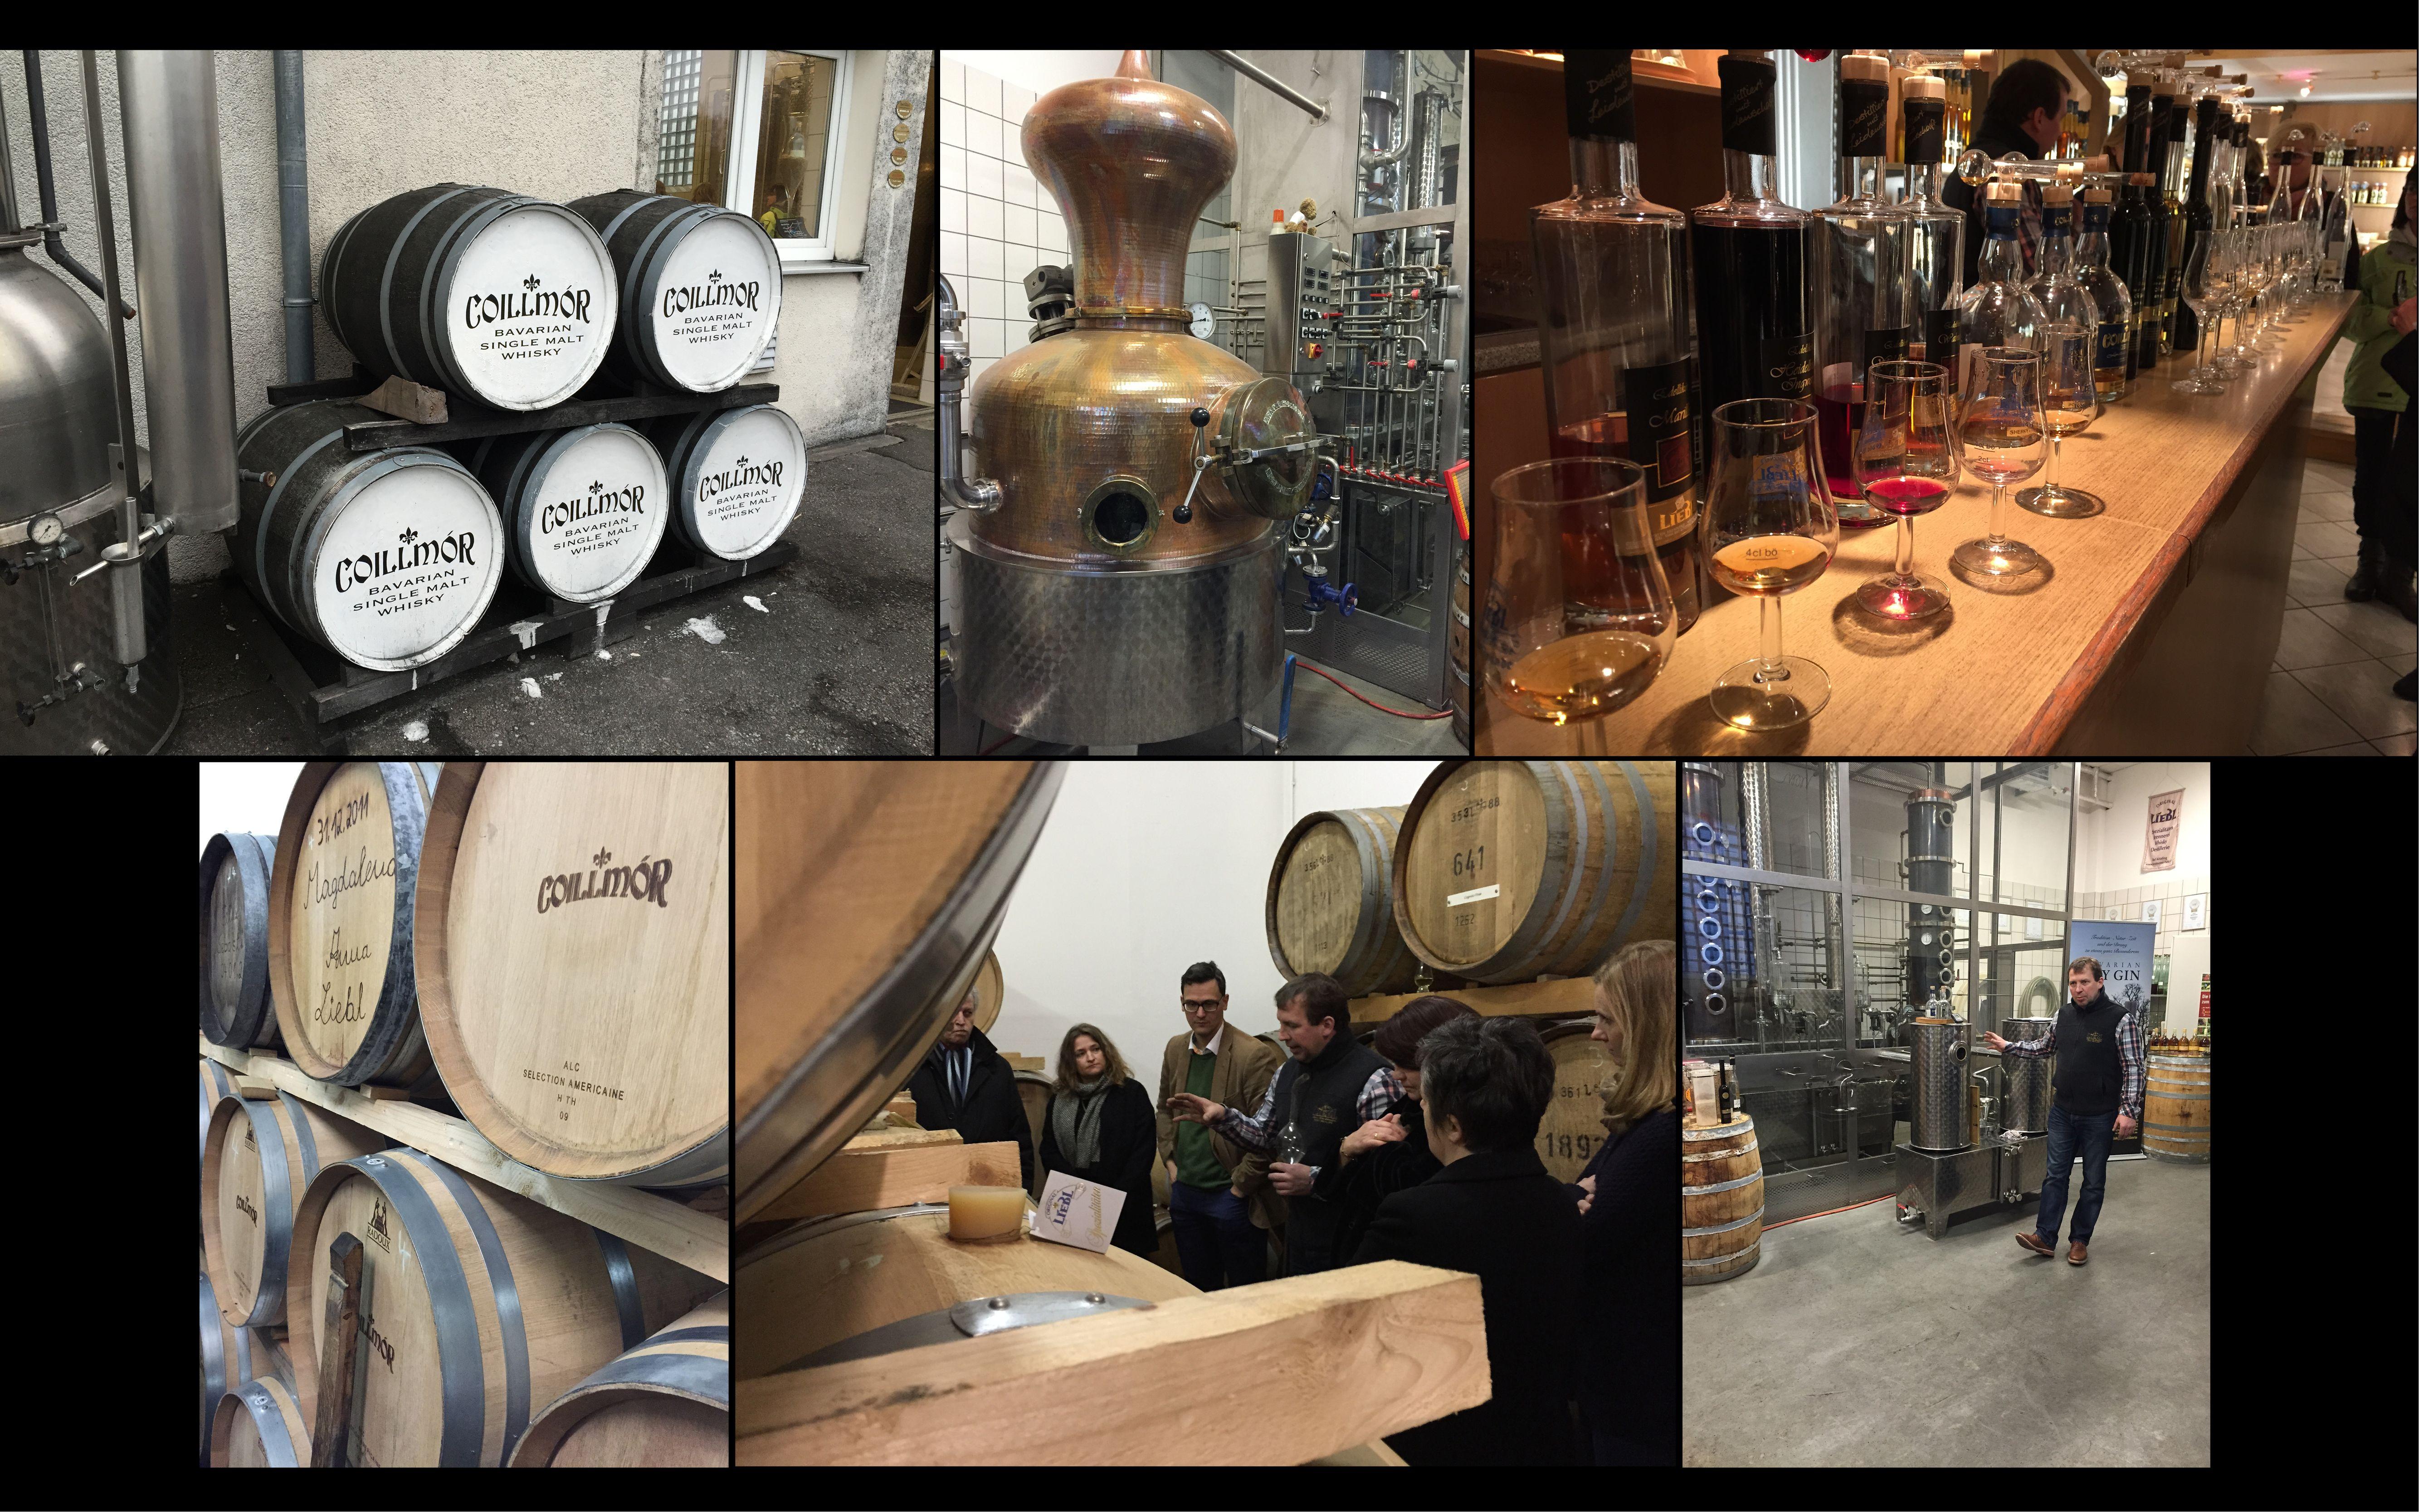 Unser Weihnachtsausflug zur Spezialitätenbrennerei udn Whisky Destillerie Liebl in Bad Kötzing.